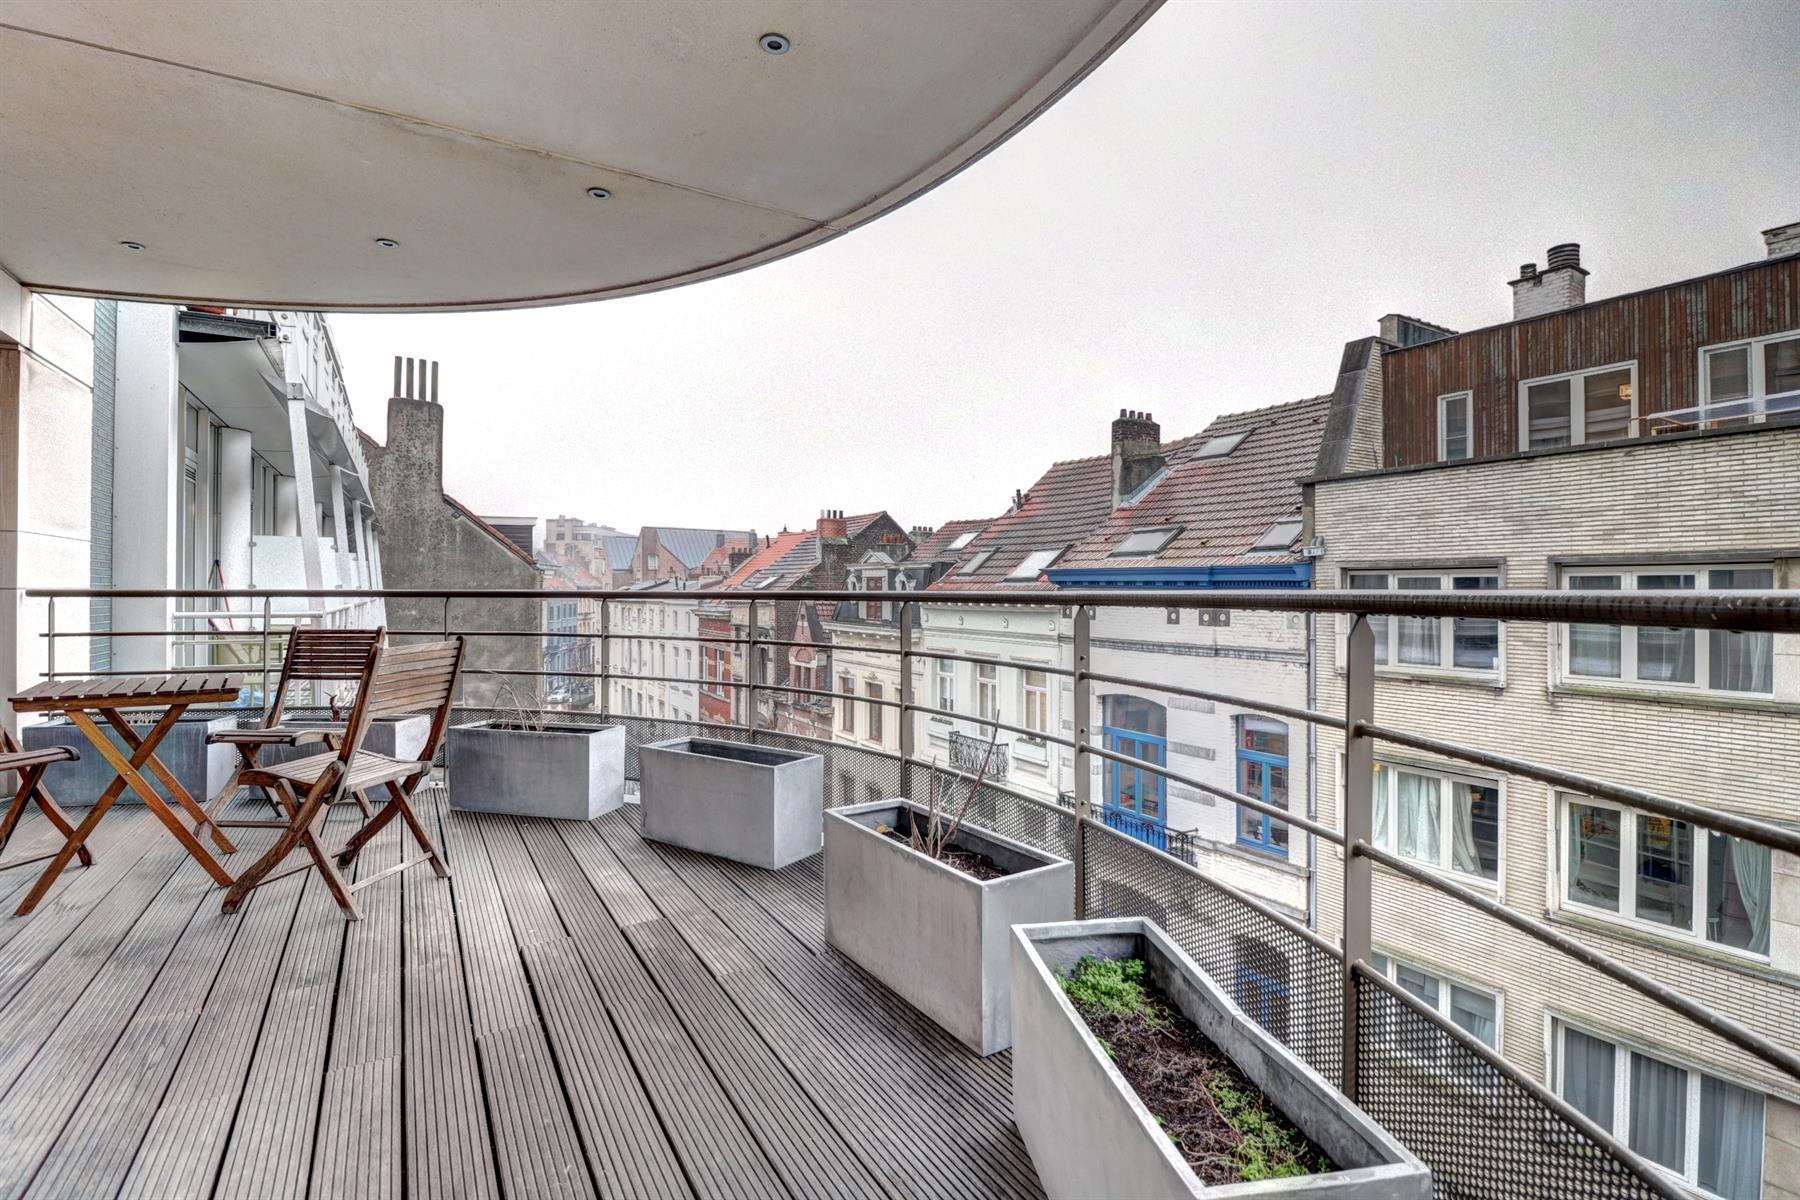 Flat - Ixelles - #4225896-18